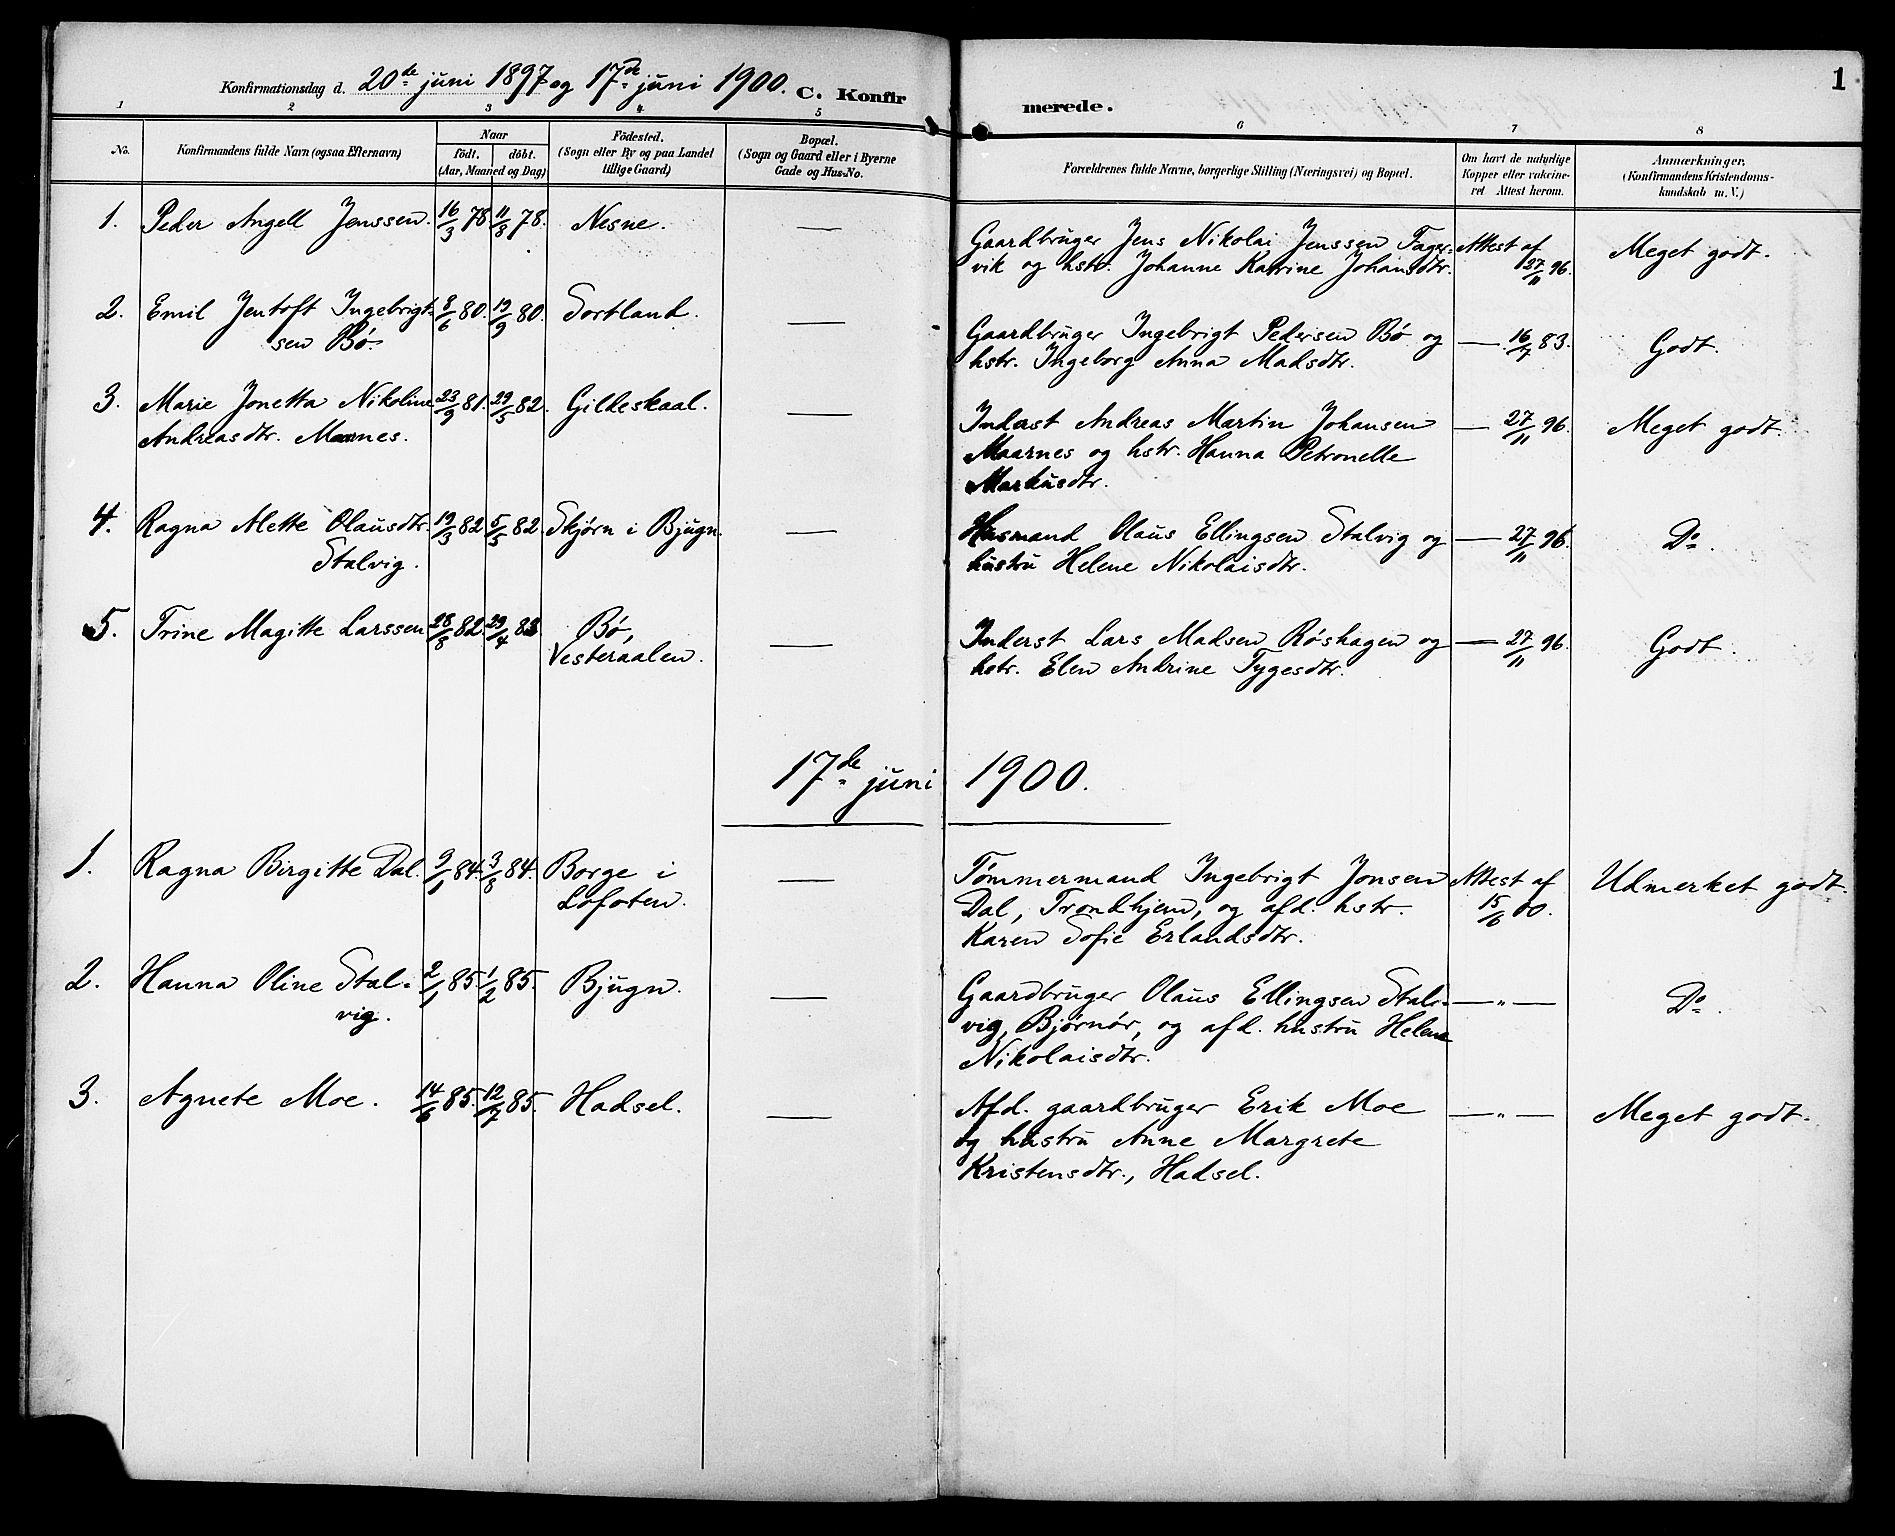 SAT, Ministerialprotokoller, klokkerbøker og fødselsregistre - Sør-Trøndelag, 629/L0486: Ministerialbok nr. 629A02, 1894-1919, s. 1